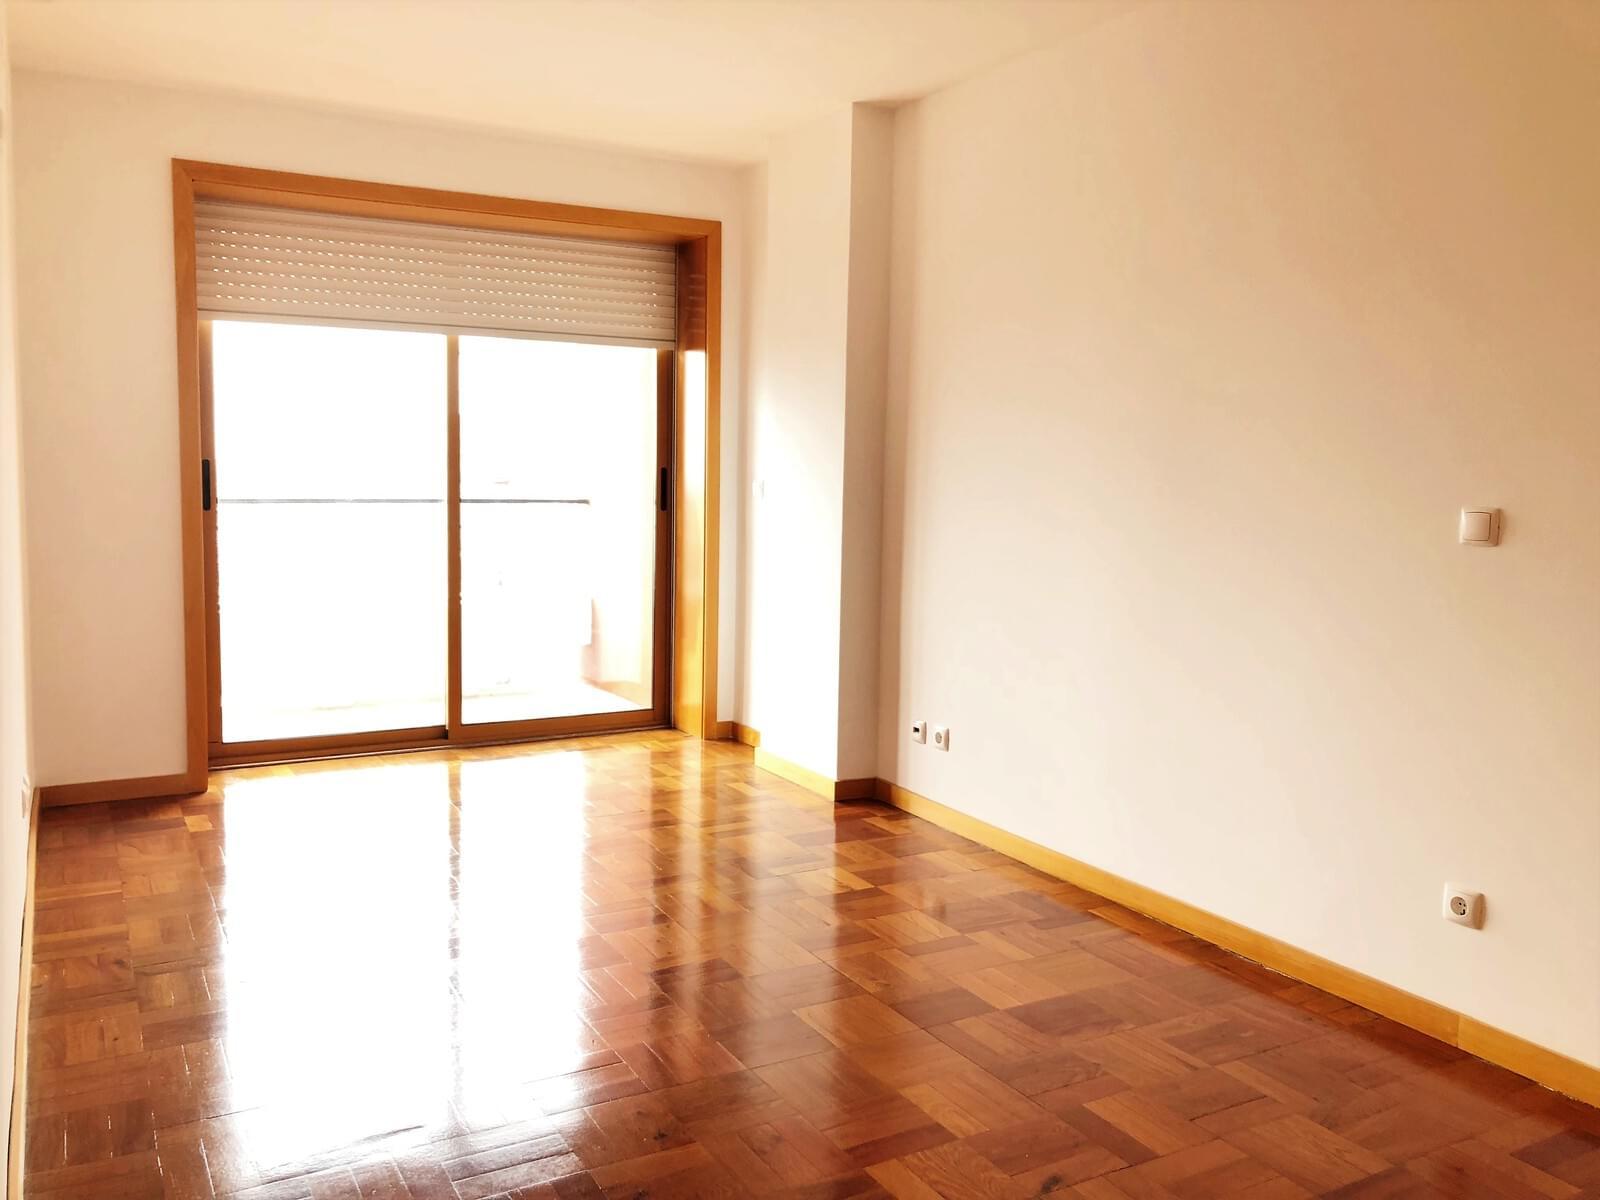 pf18040-apartamento-t3-lisboa-b89c0fbd-0499-428b-8489-247248245fba